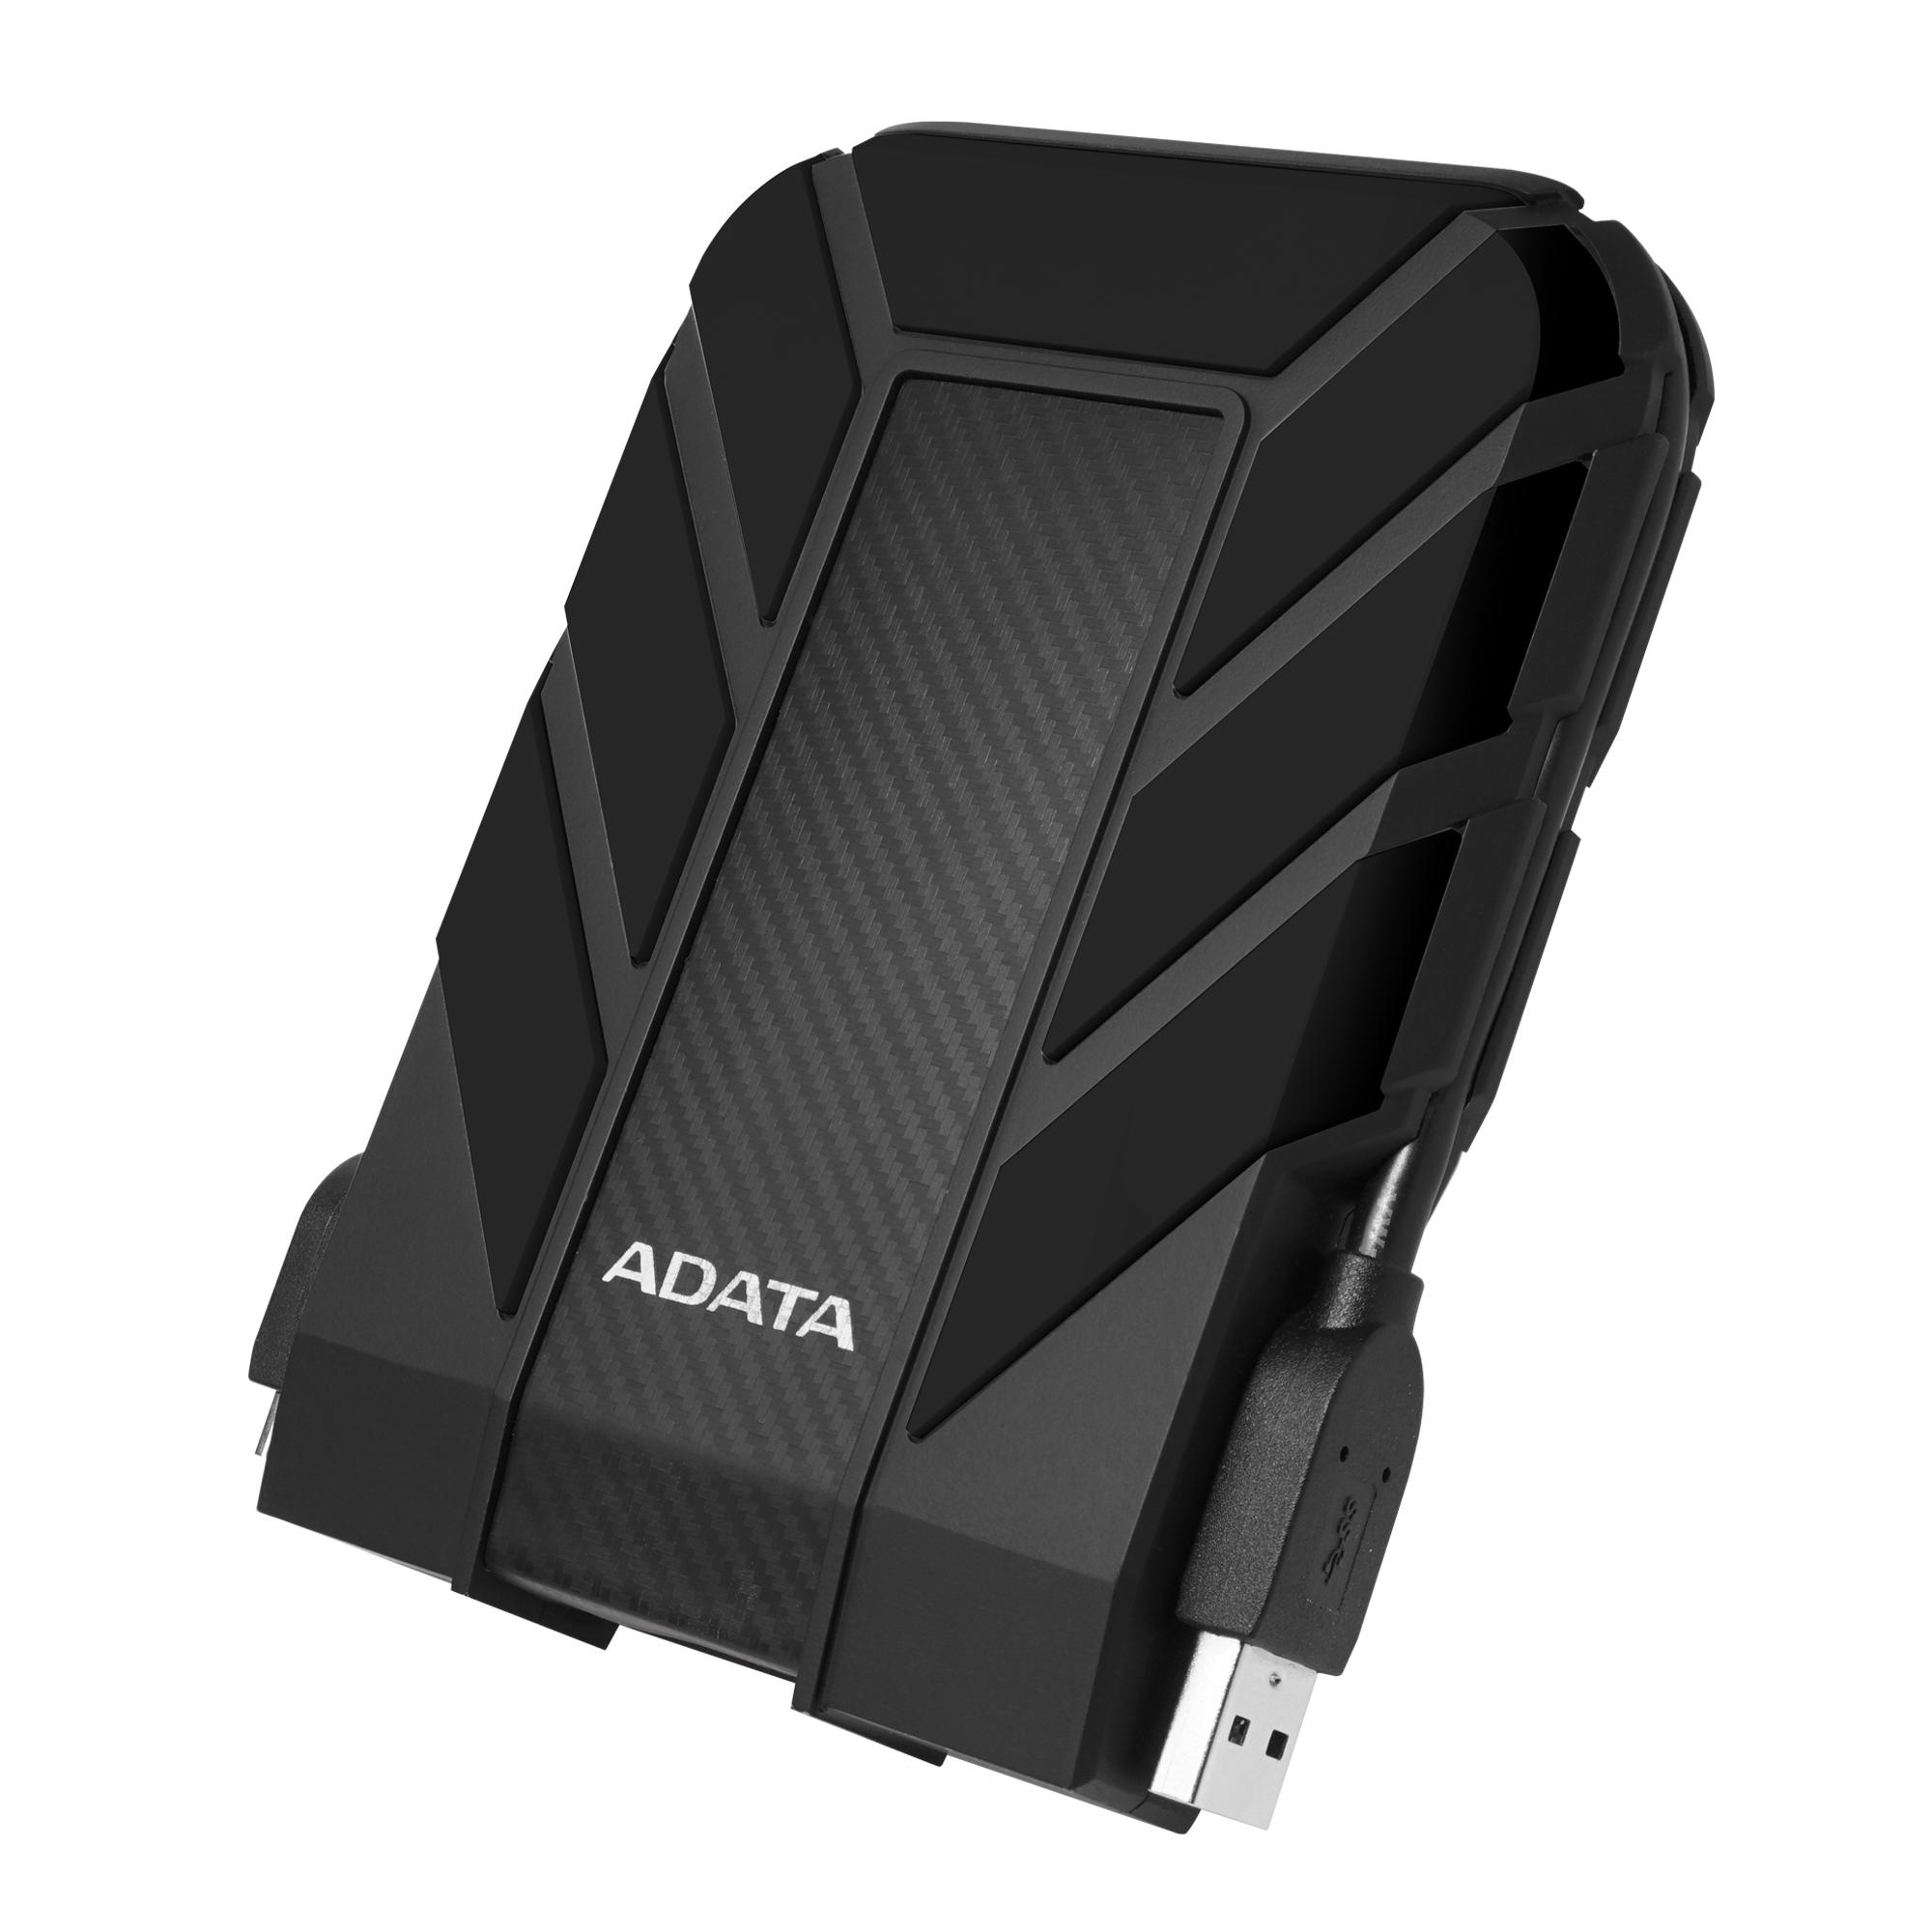 ADATA HD710 Pro external hard drive 5000 GB Black